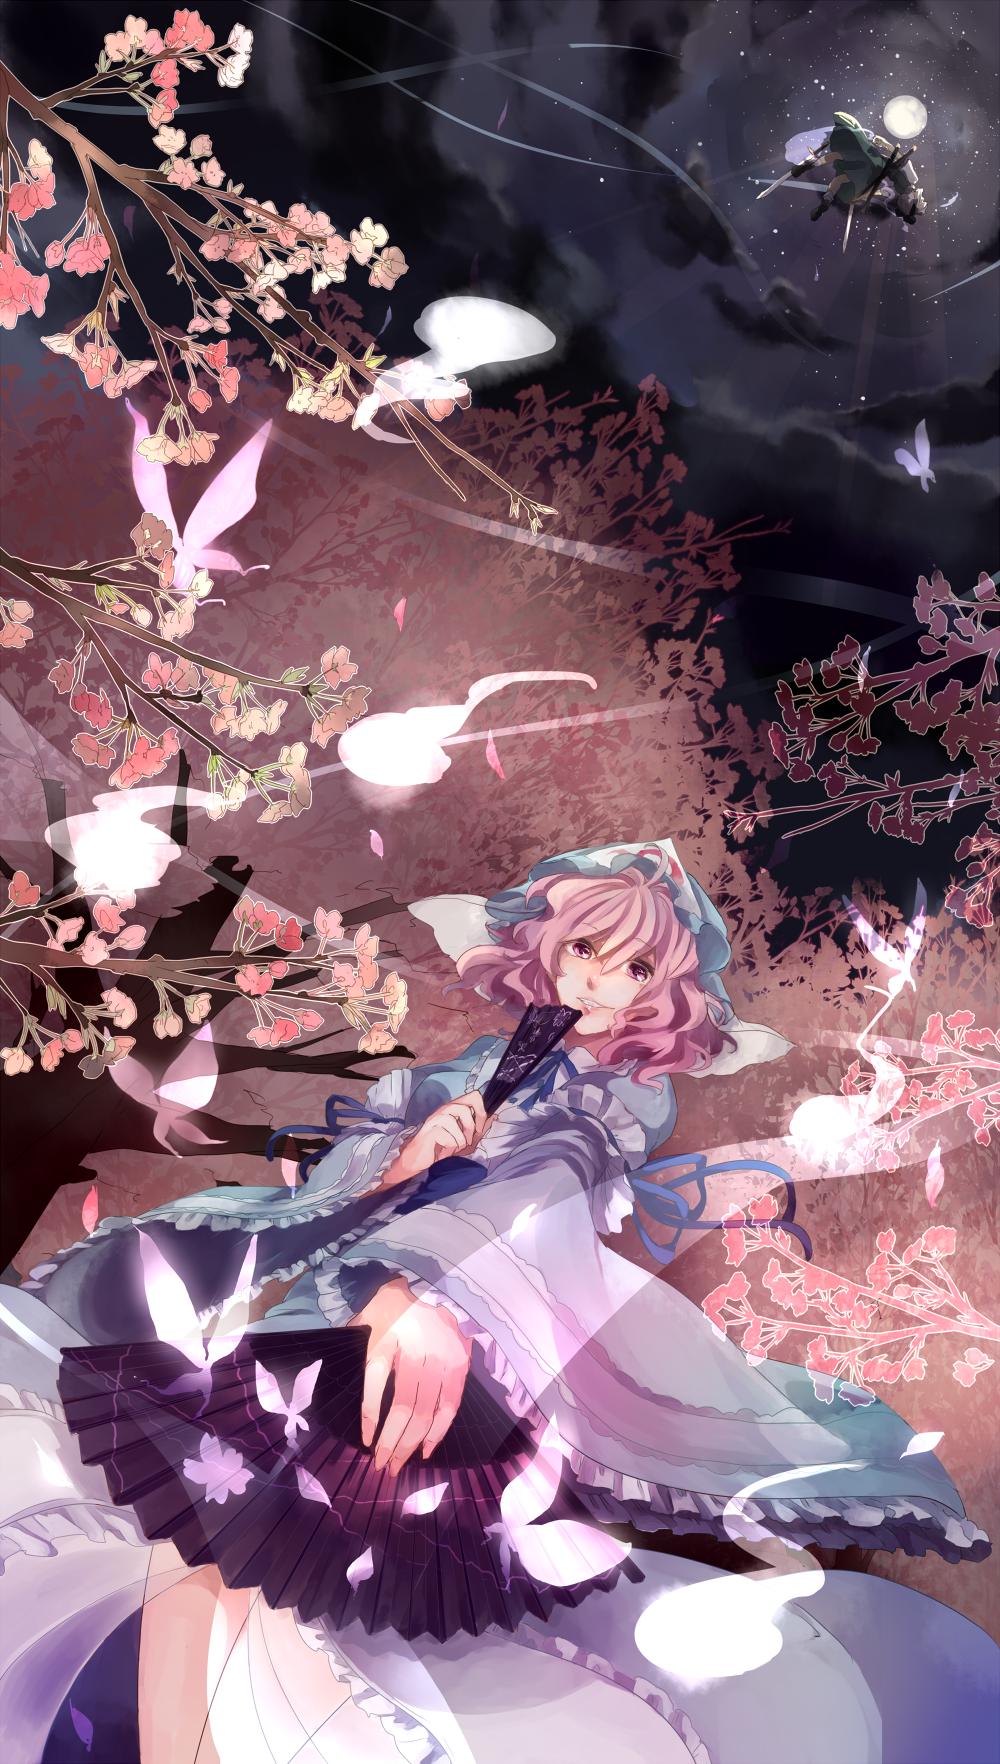 youmu night petals - photo #16